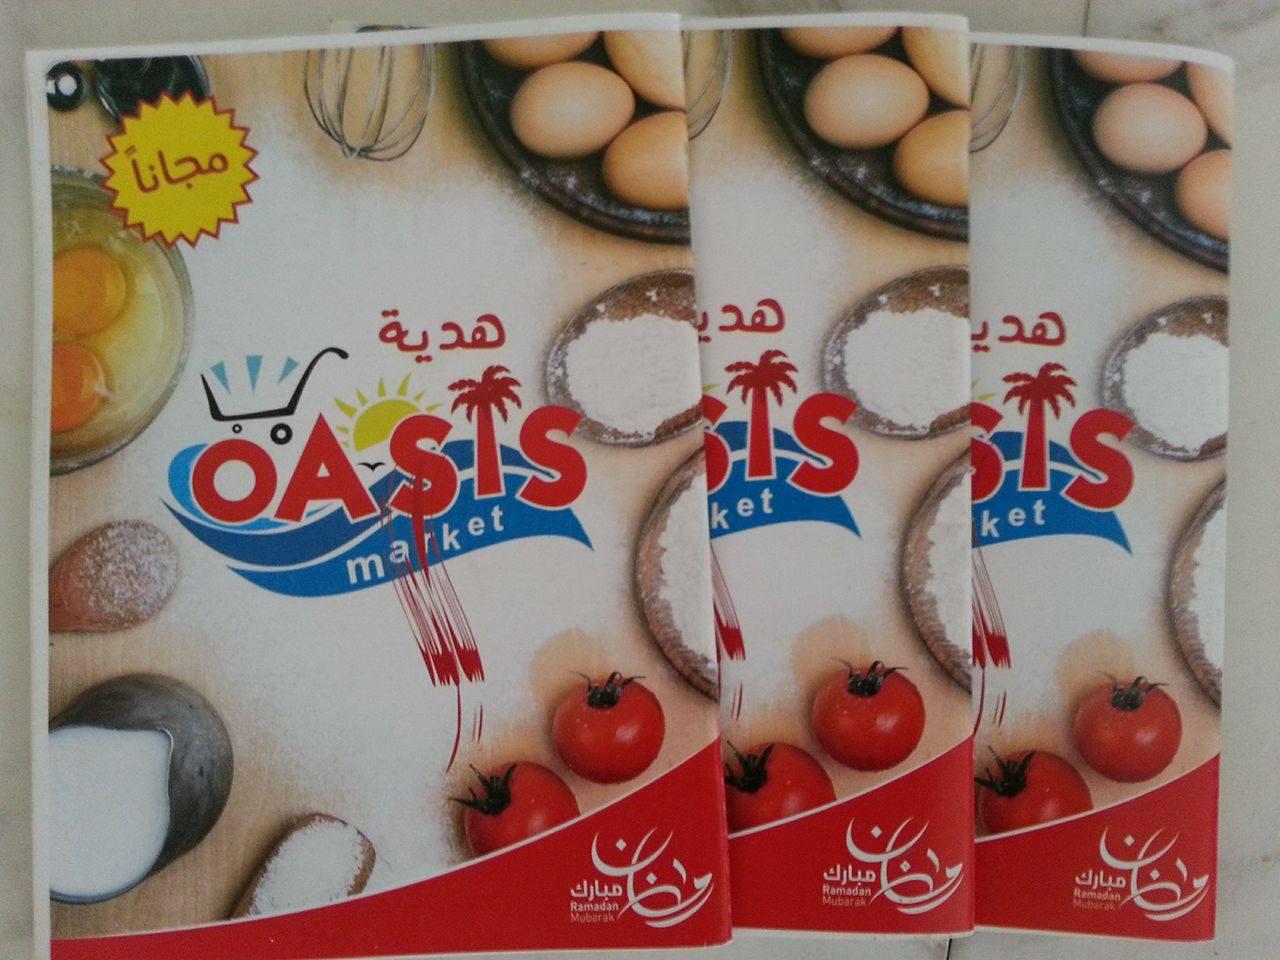 هدية رمضان : كتيب الوصفات - oasis market